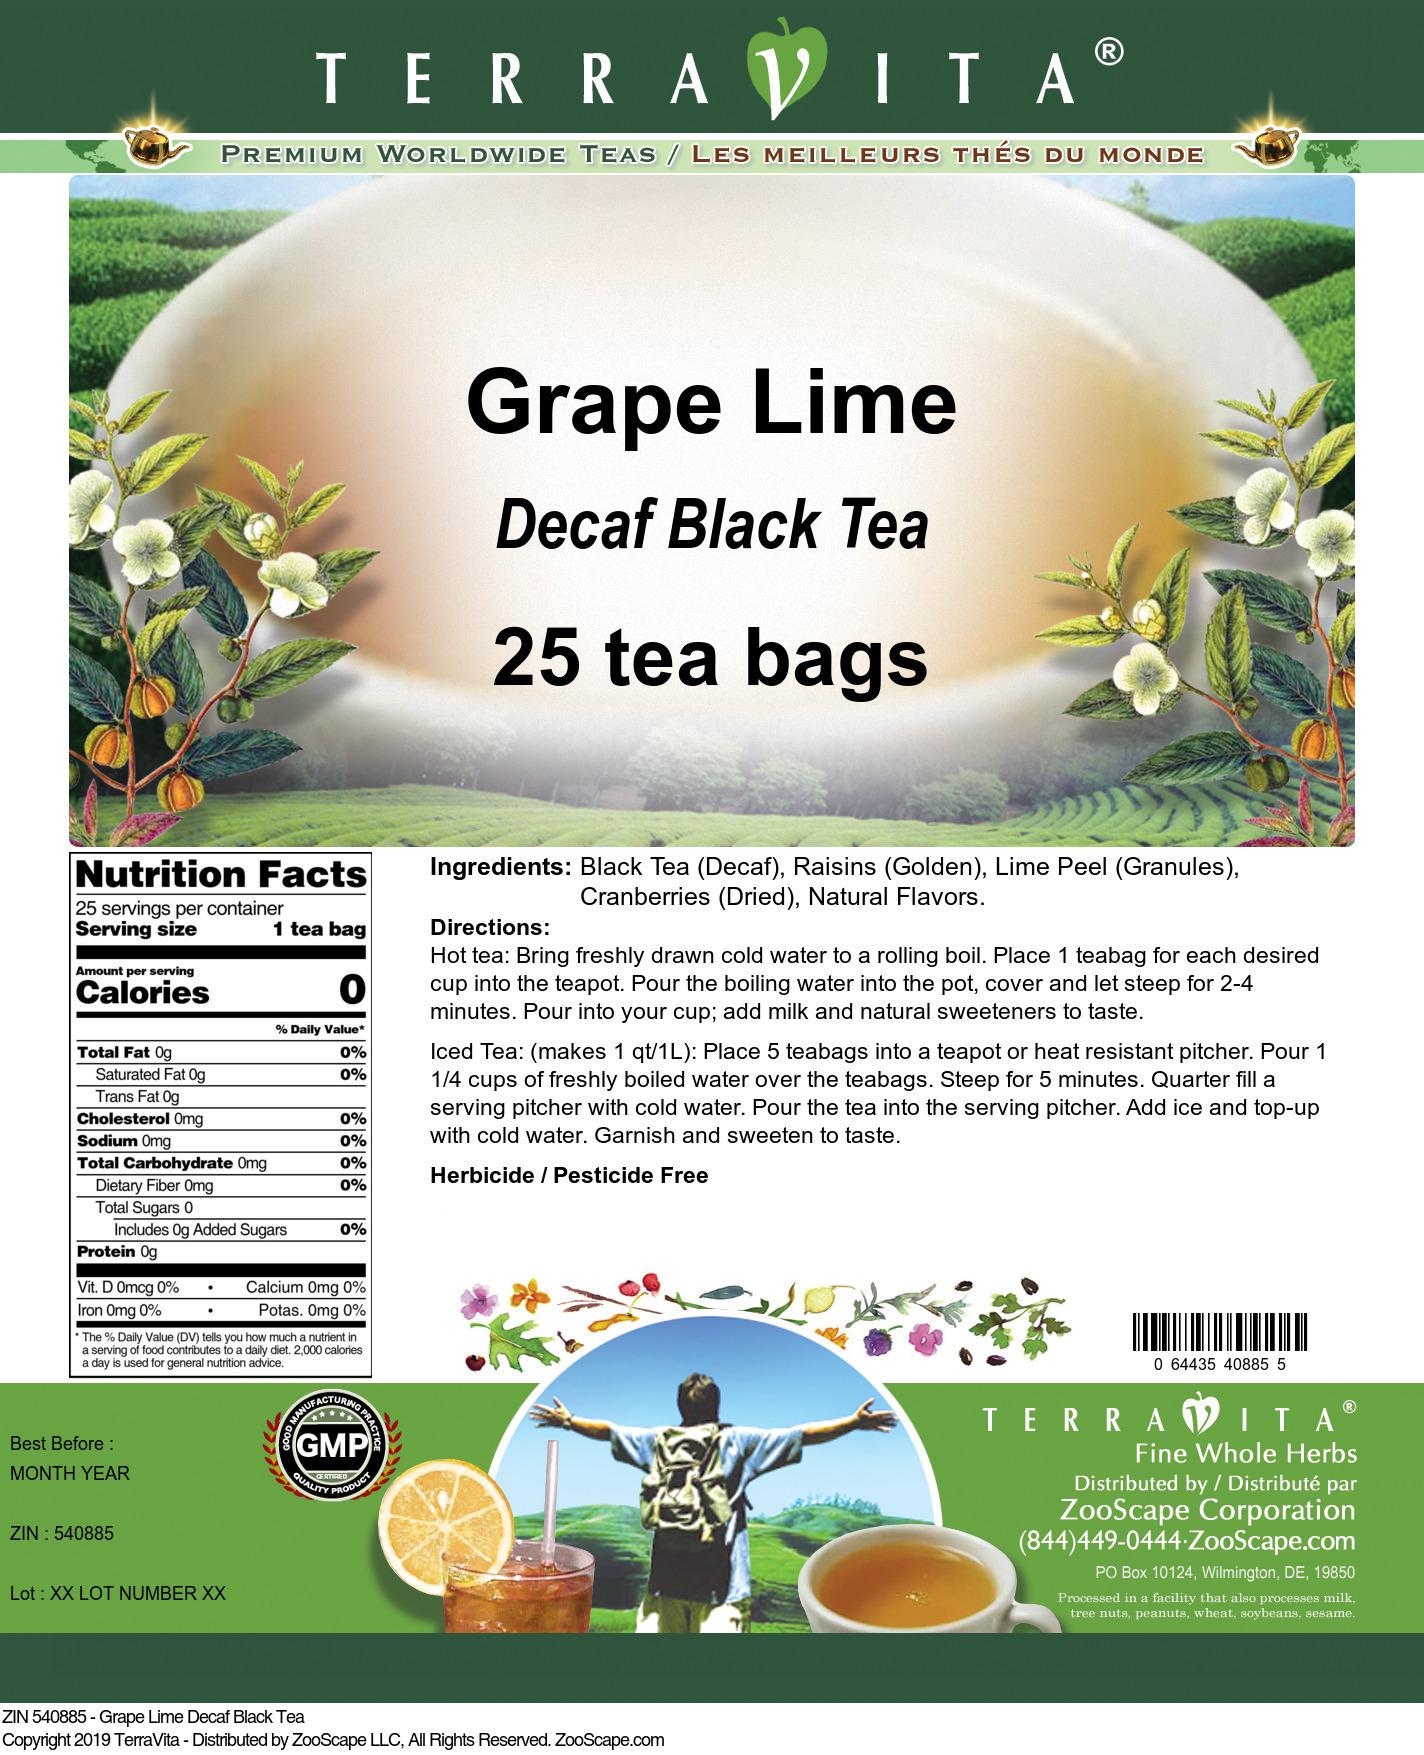 Grape Lime Decaf Black Tea